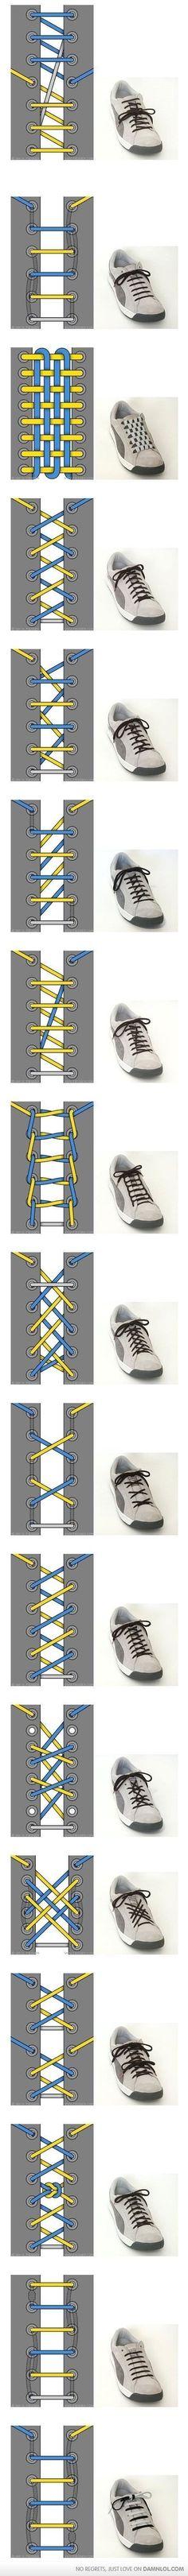 Allacciare le Scarpe - 17 modi